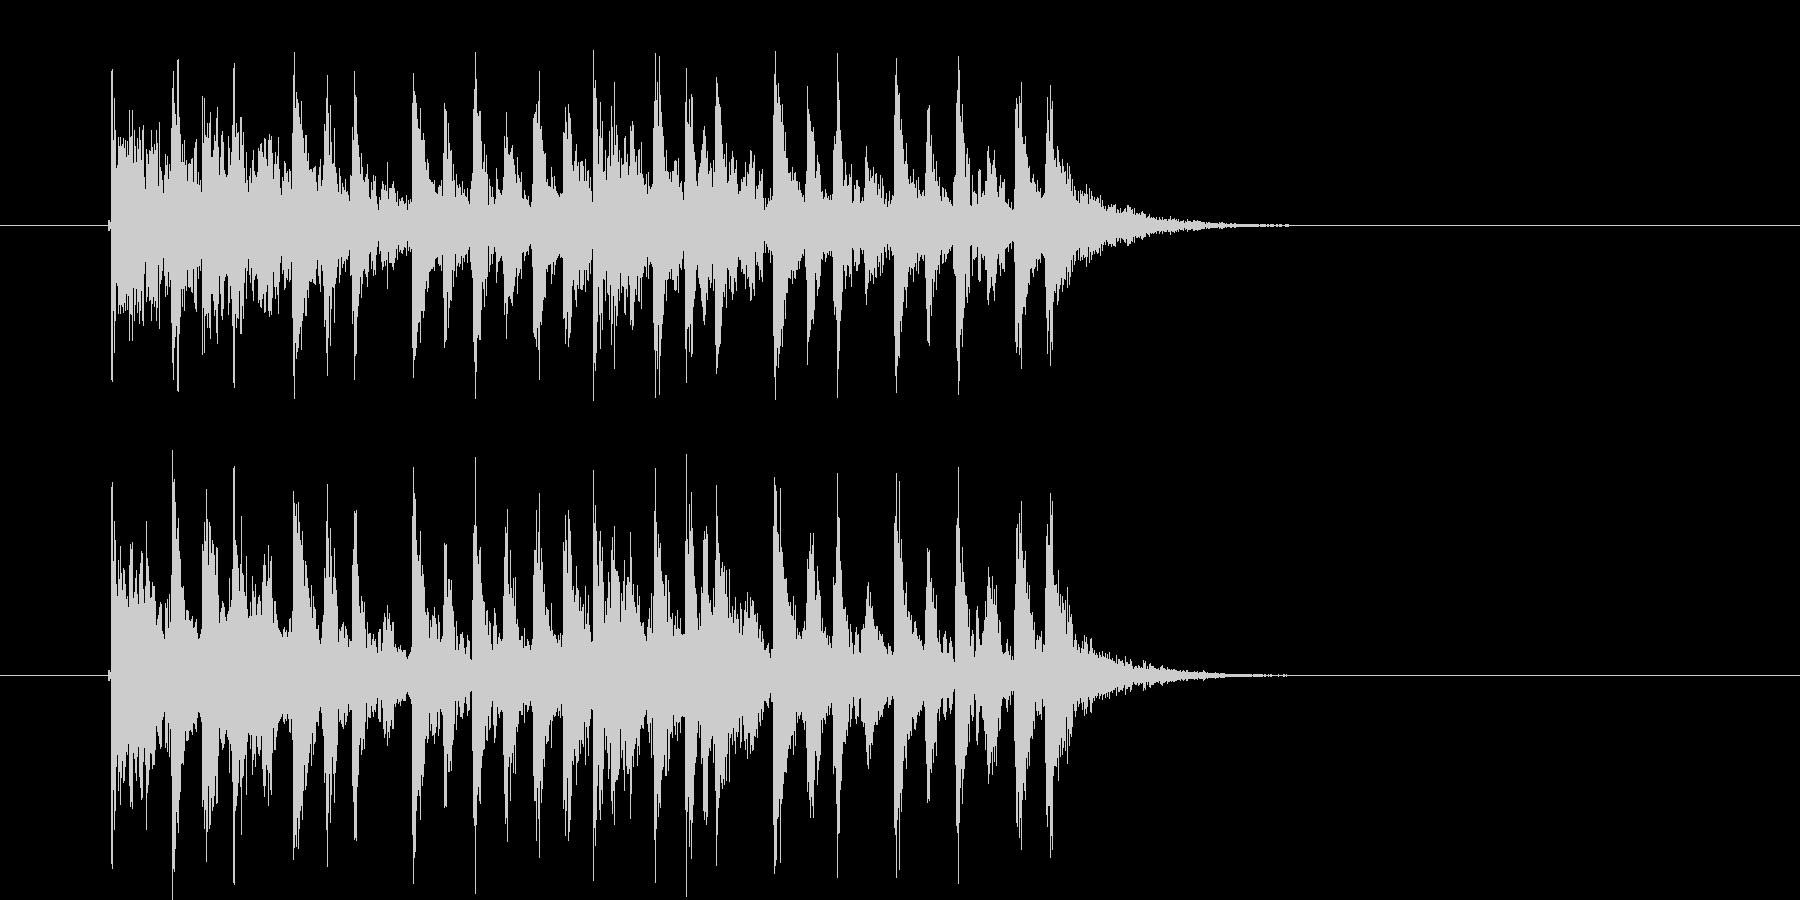 疾走感のあるミステリアスなテクノ音楽の未再生の波形